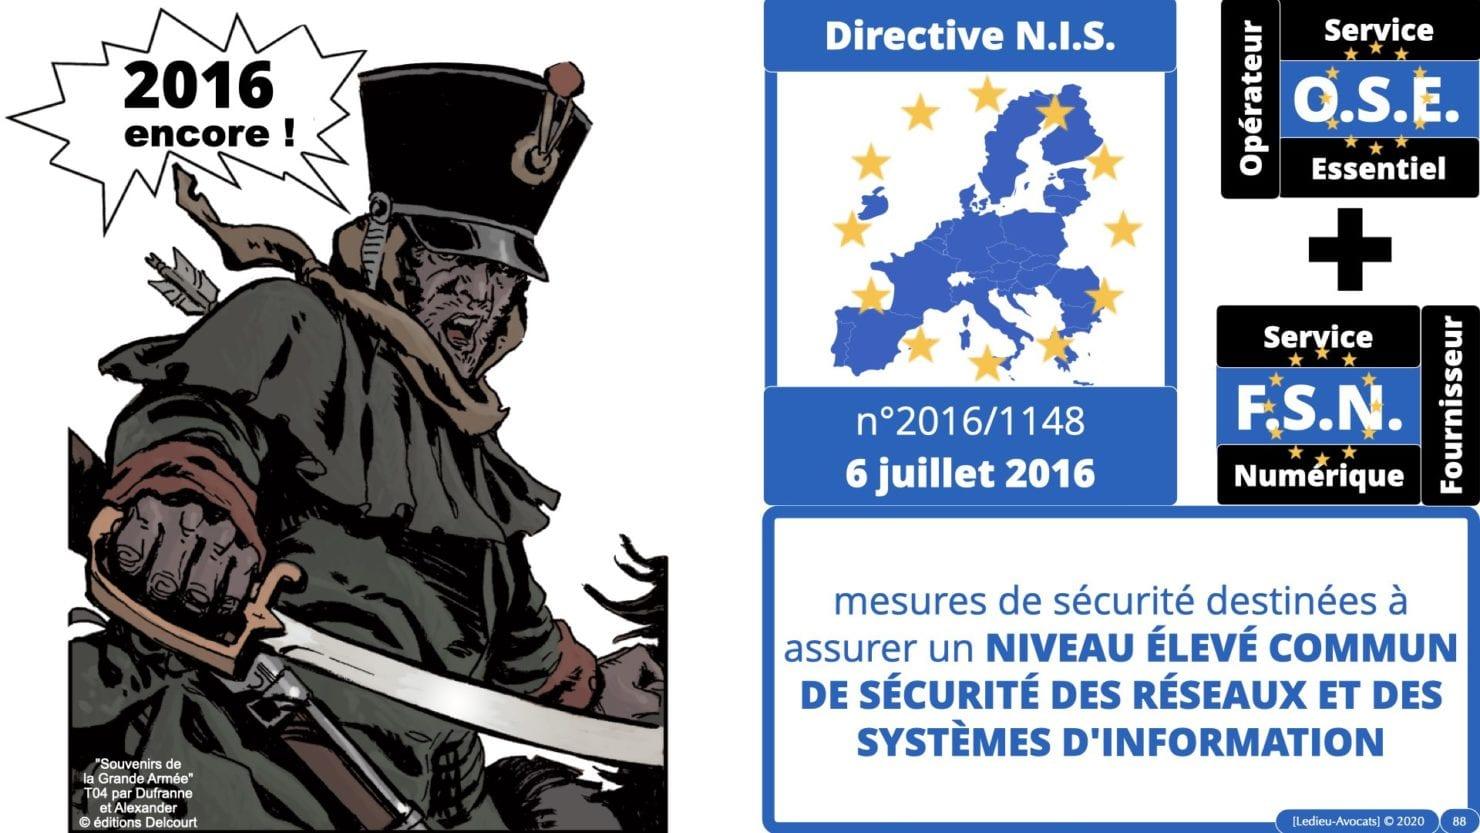 333 CYBER ATTAQUE responsabilité pénale civile contrat © Ledieu-Avocats 23-05-2021.088